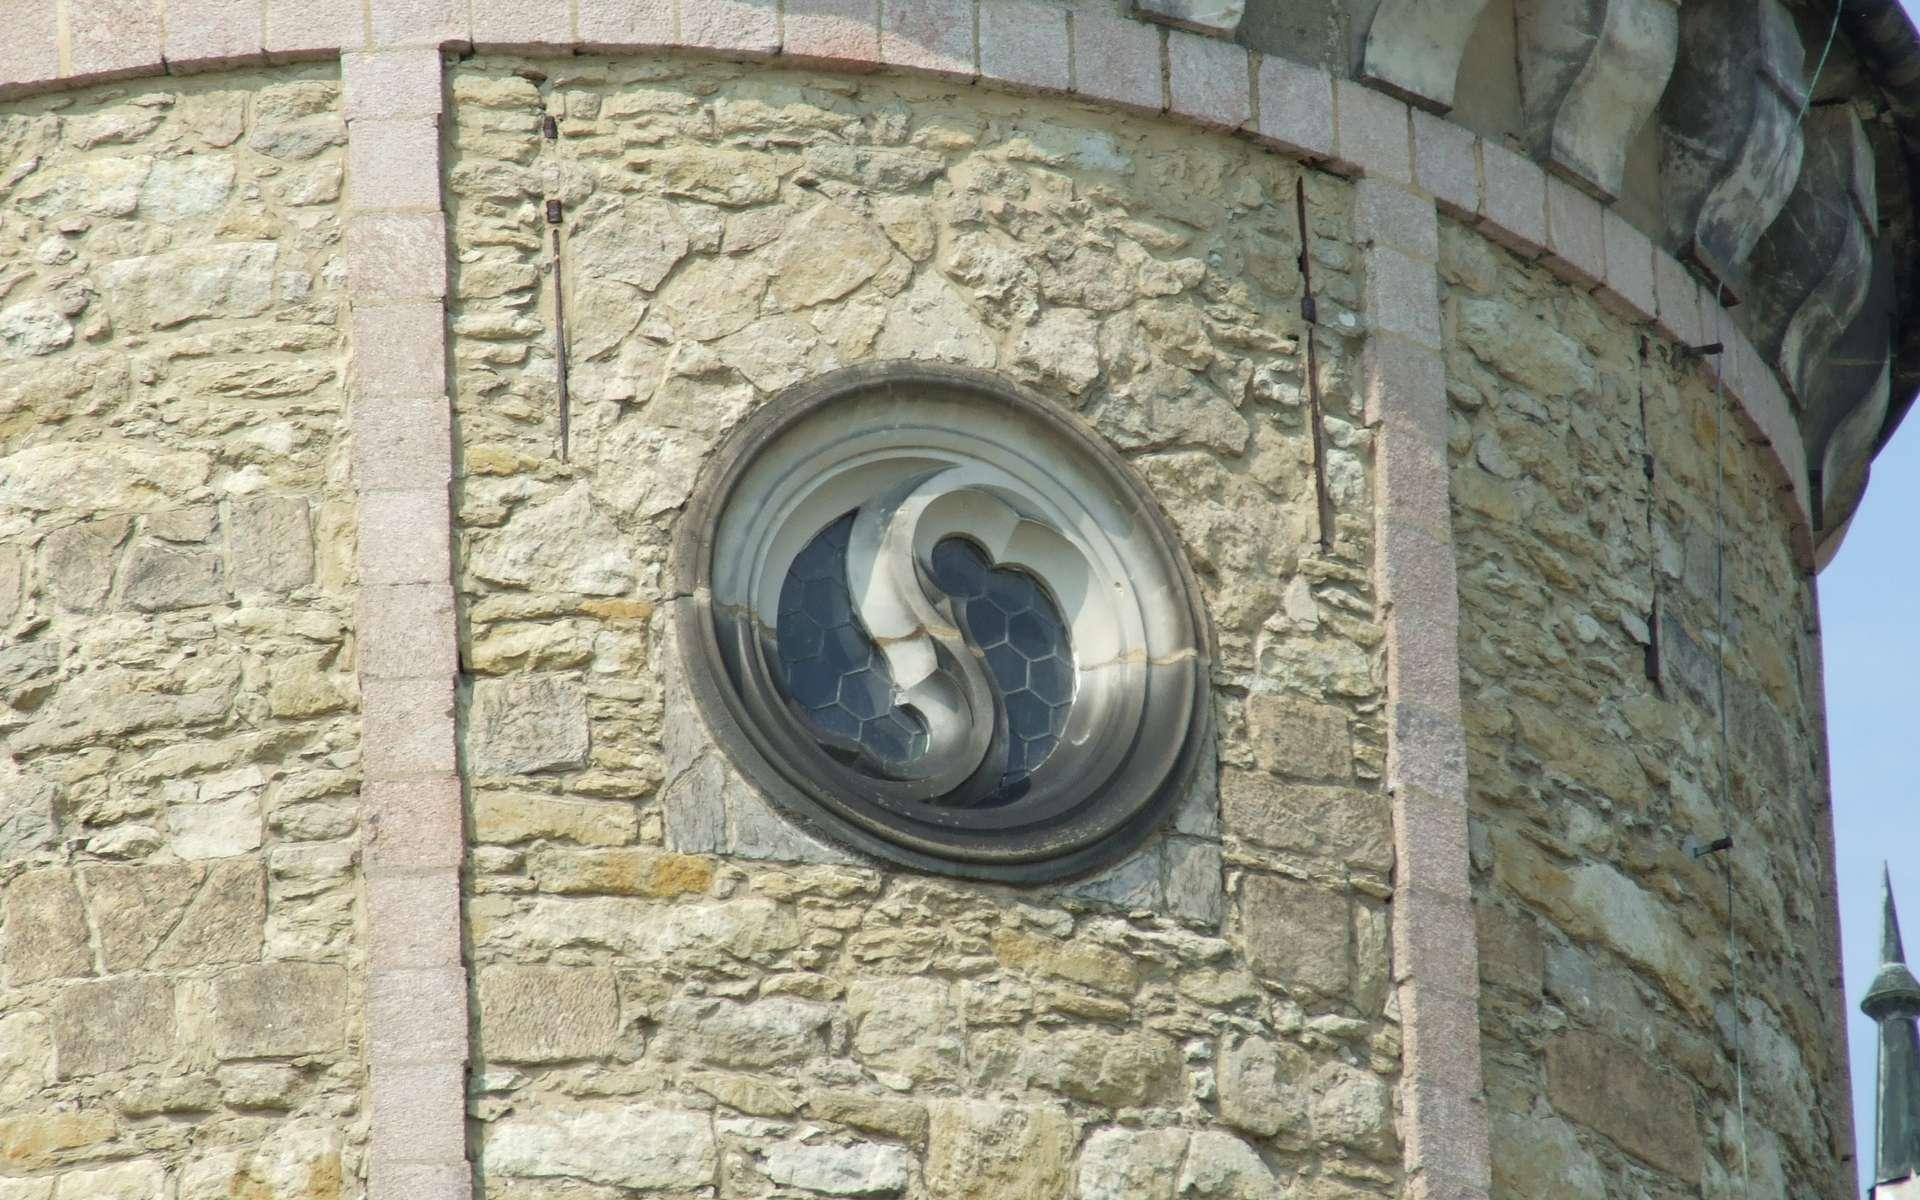 La mouchette est un motif architectural asymétrique présent dans les remplages. © Kozuch, CC BY-SA 3.0, Wikimedia Commons